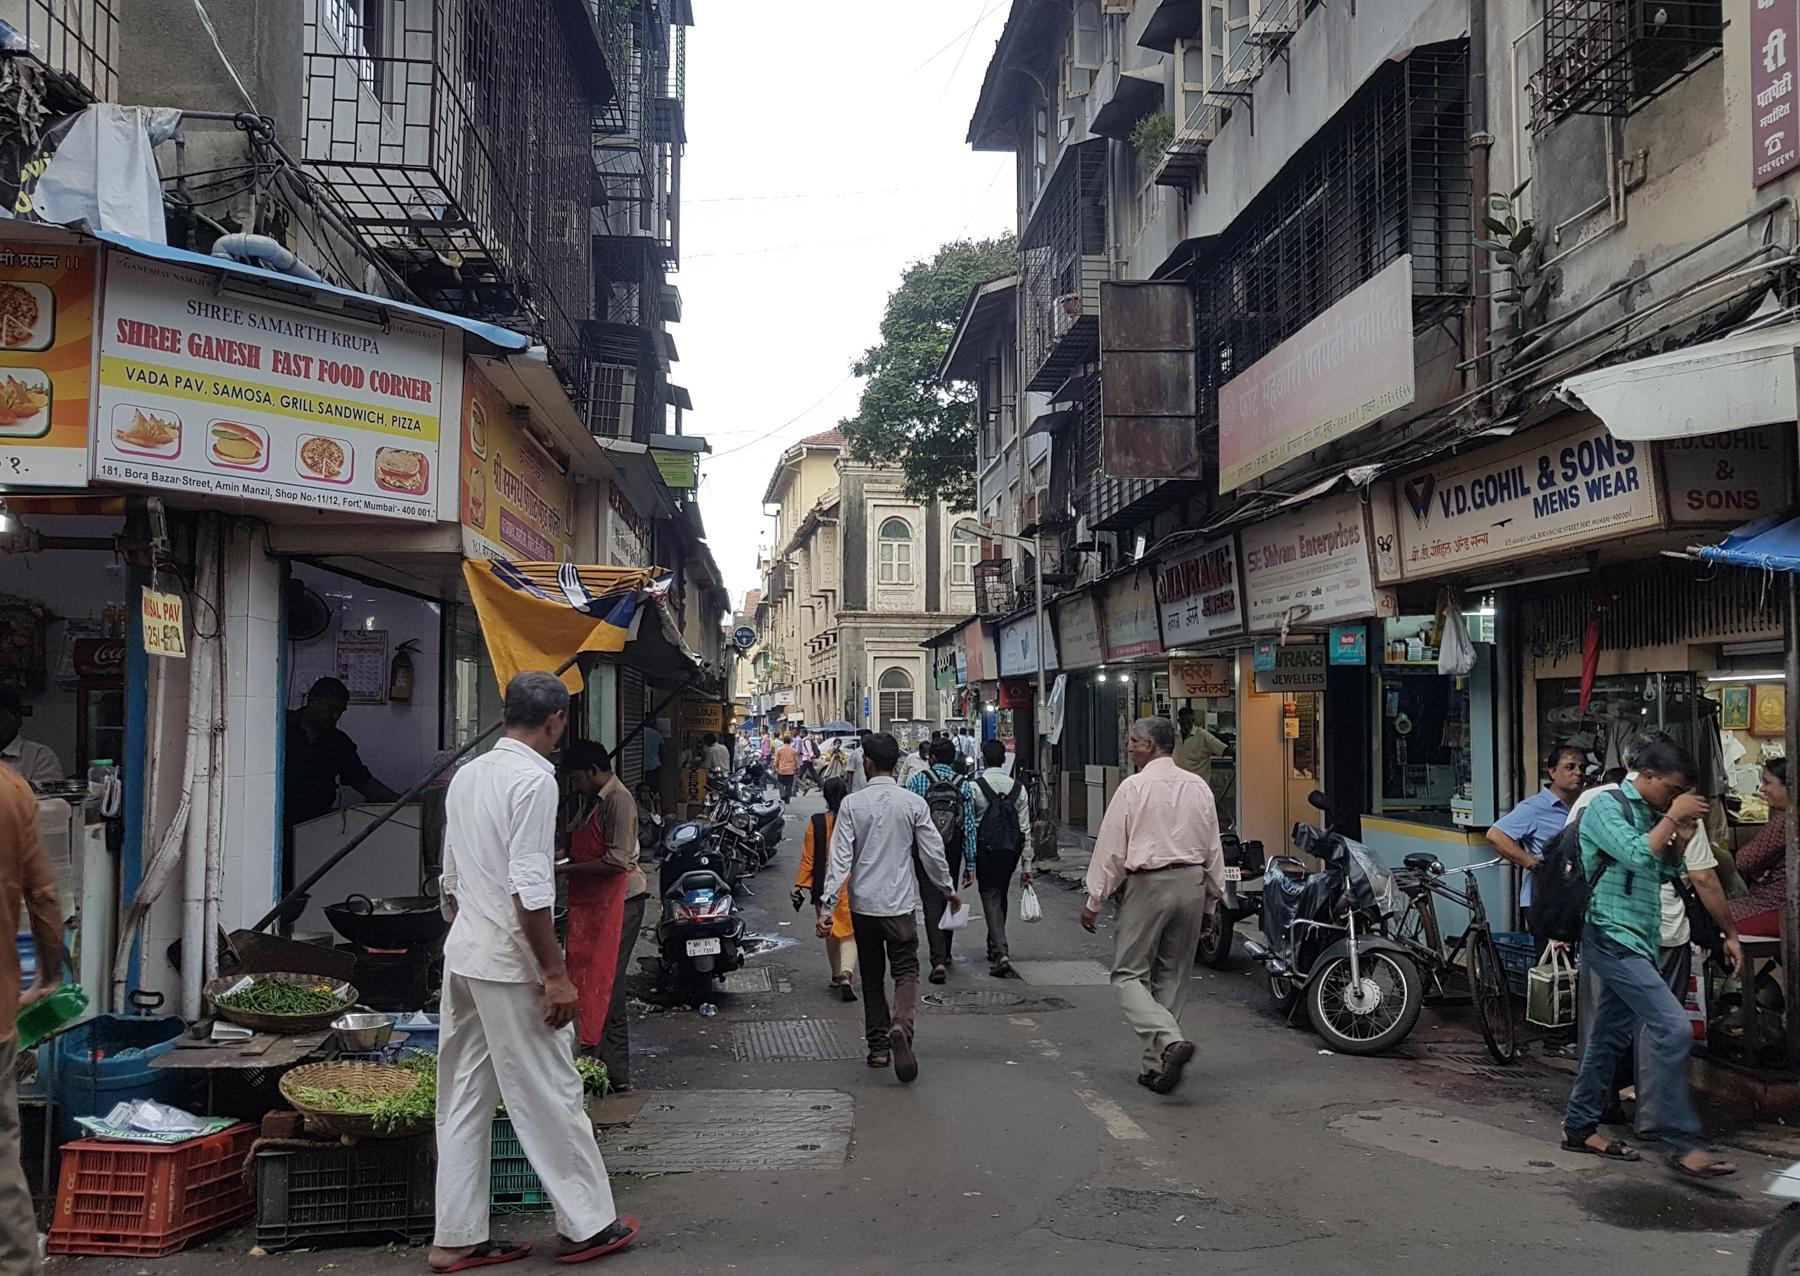 Pessoas caminhando por uma rua repleta de pontos comerciais em Mumbai, Índia (Shutterstock)